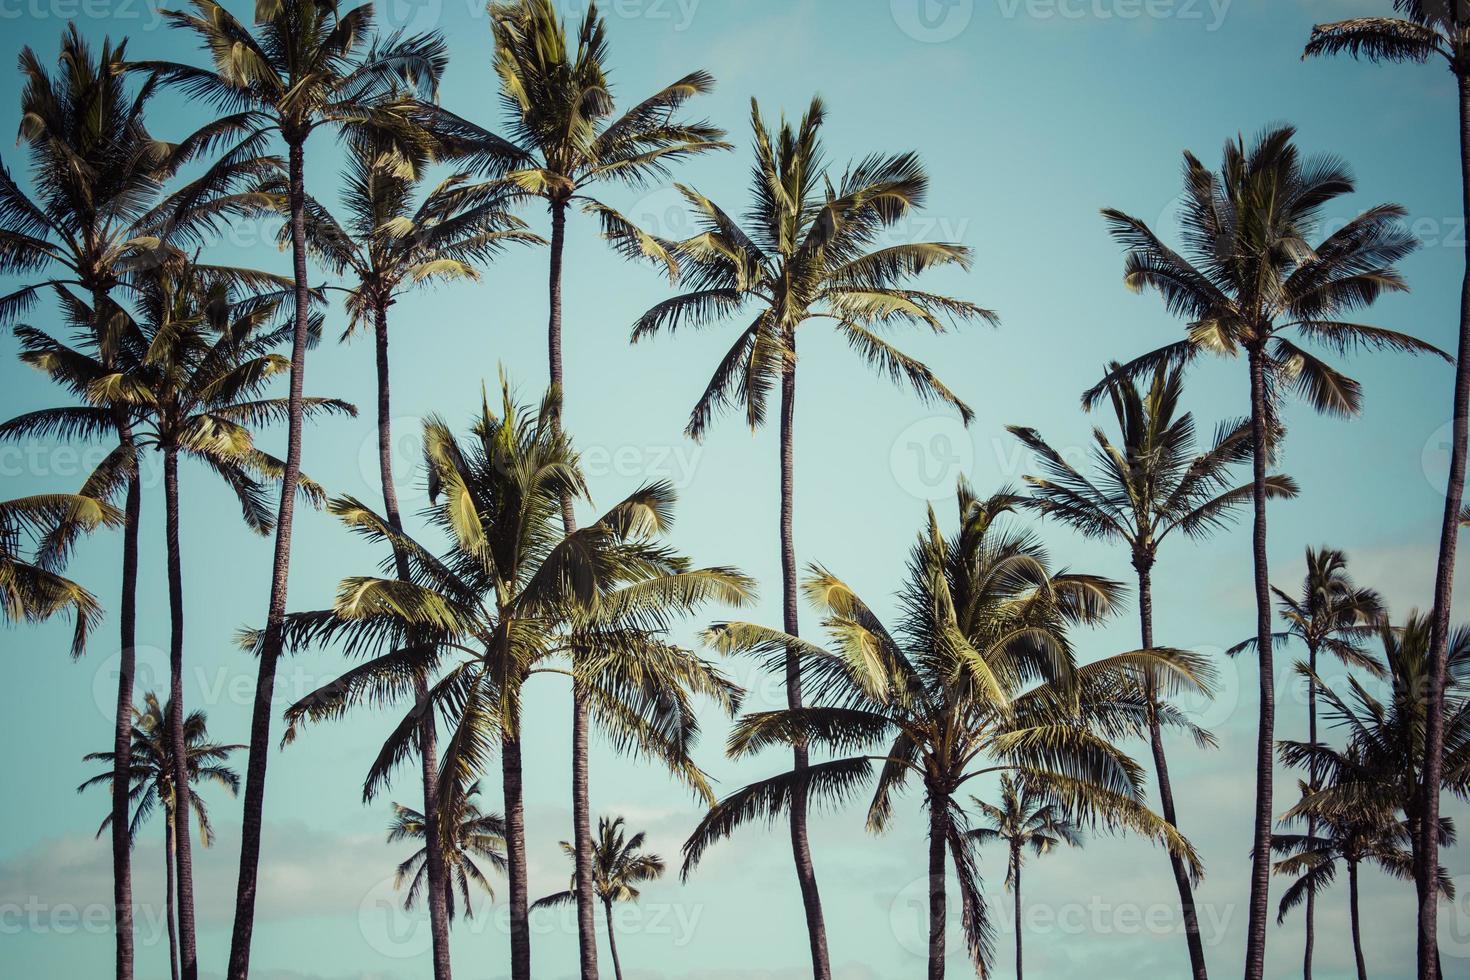 Palma de coco en Hawaii, Estados Unidos. foto